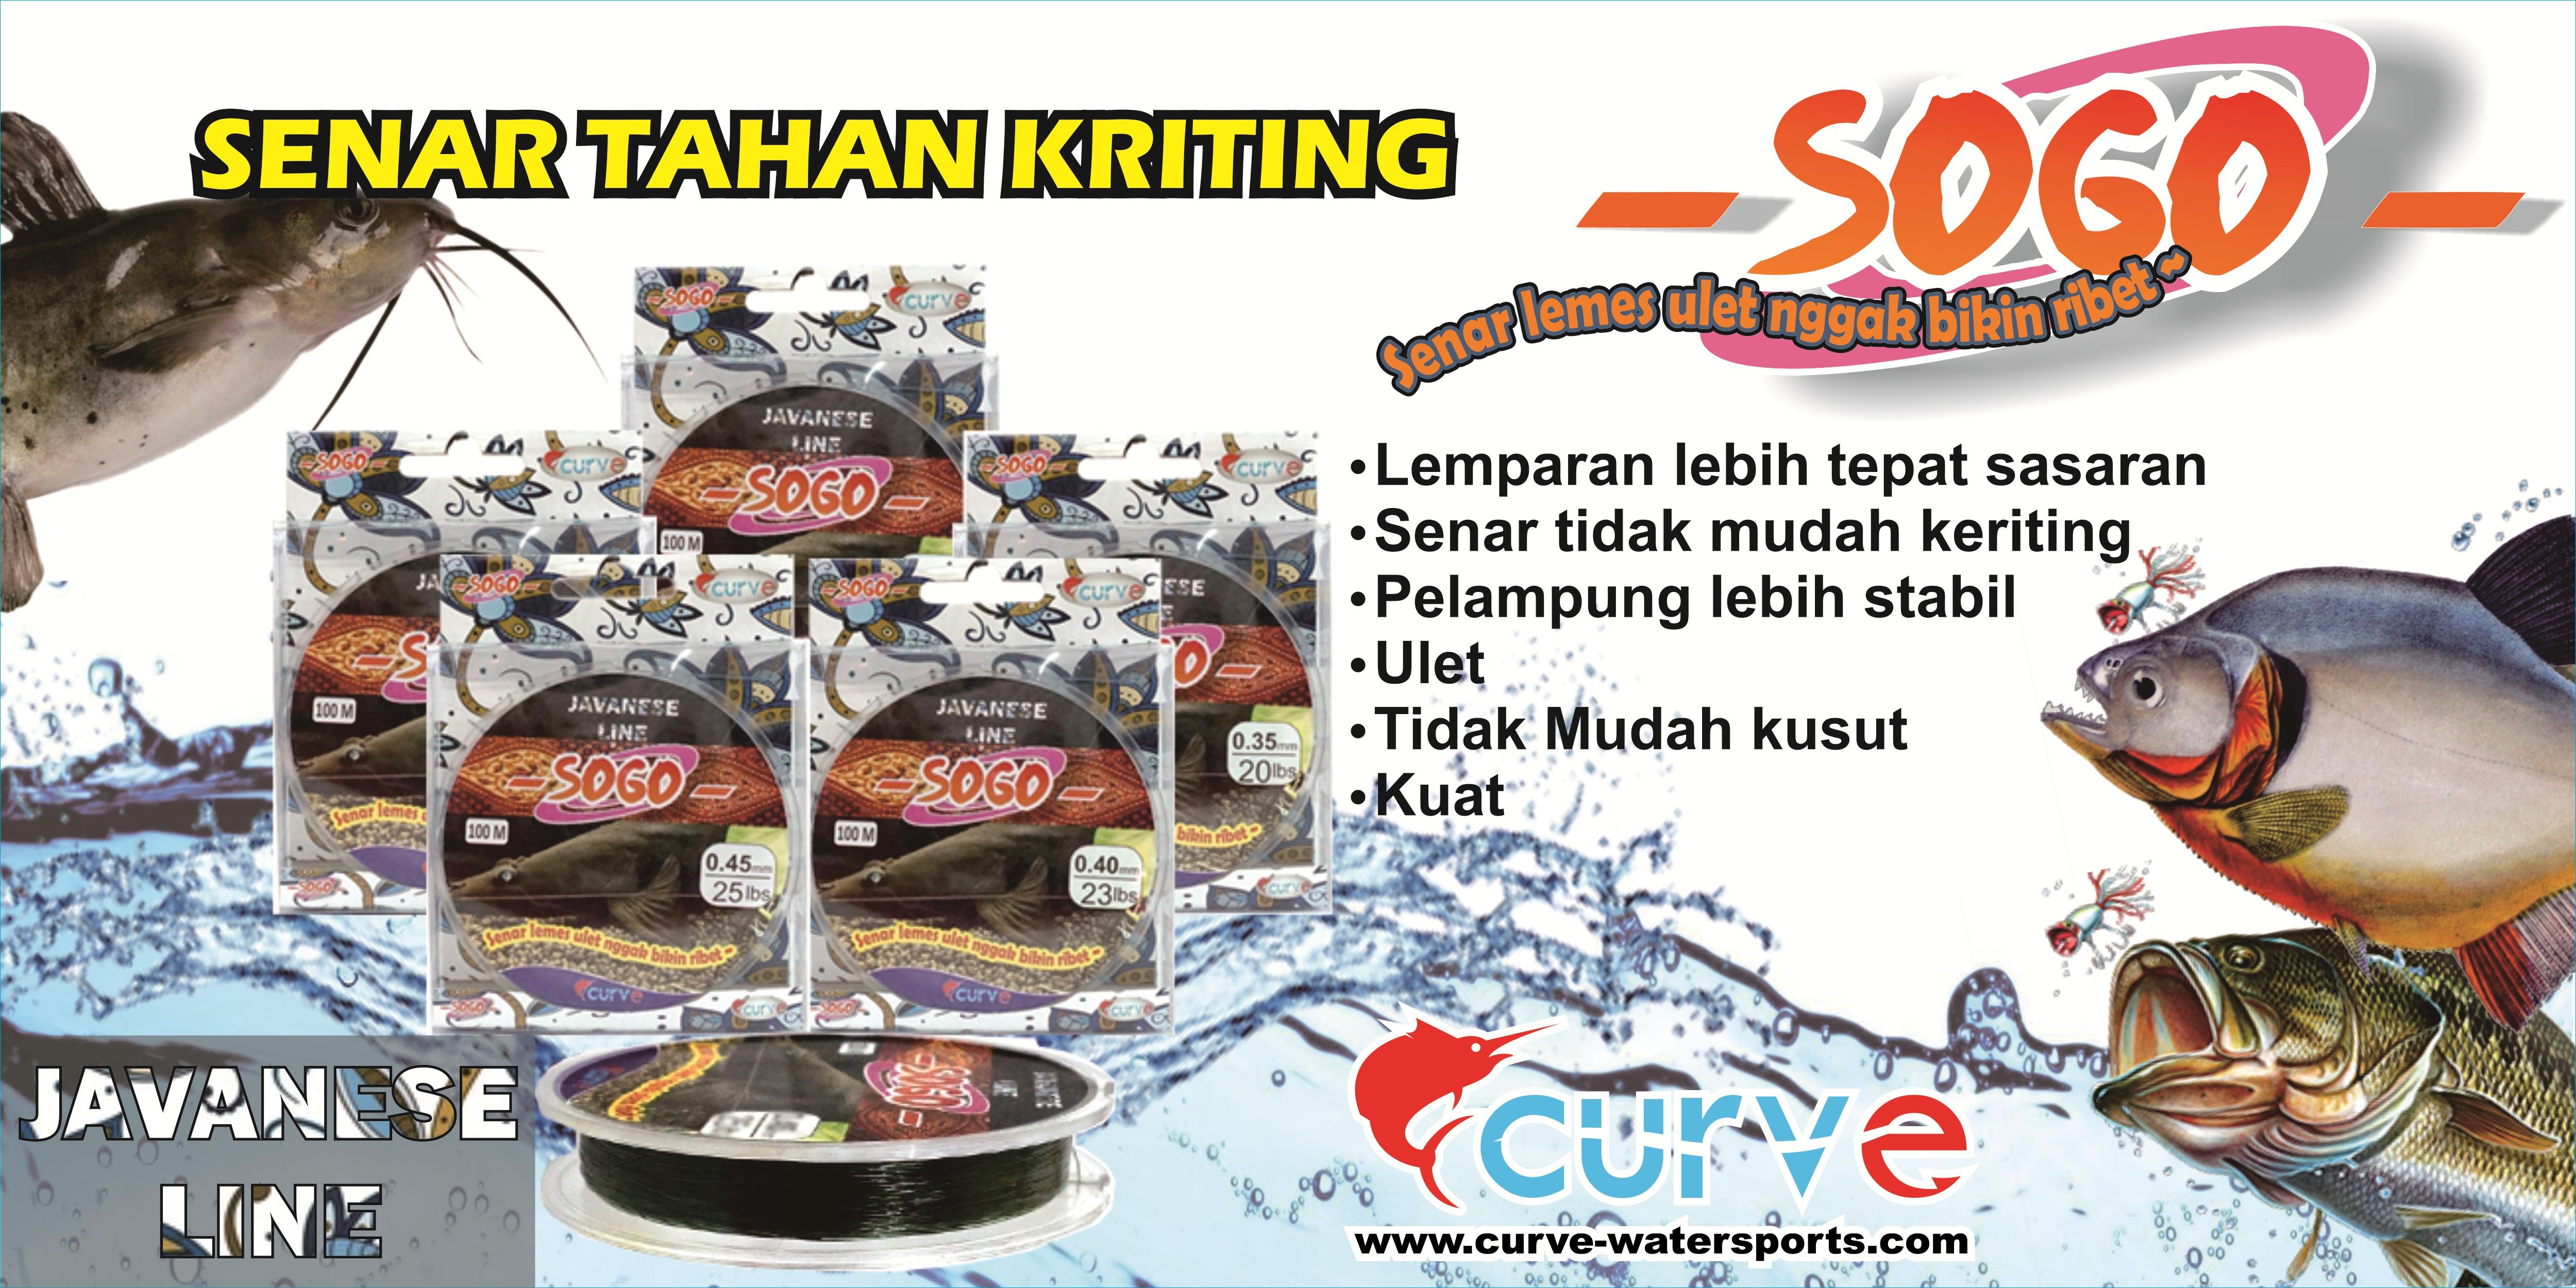 Toko Pancing LanggengPancing, 0821 383 01234, Toko Pancing, Grosir Pancing Solo, Alat pancing 2